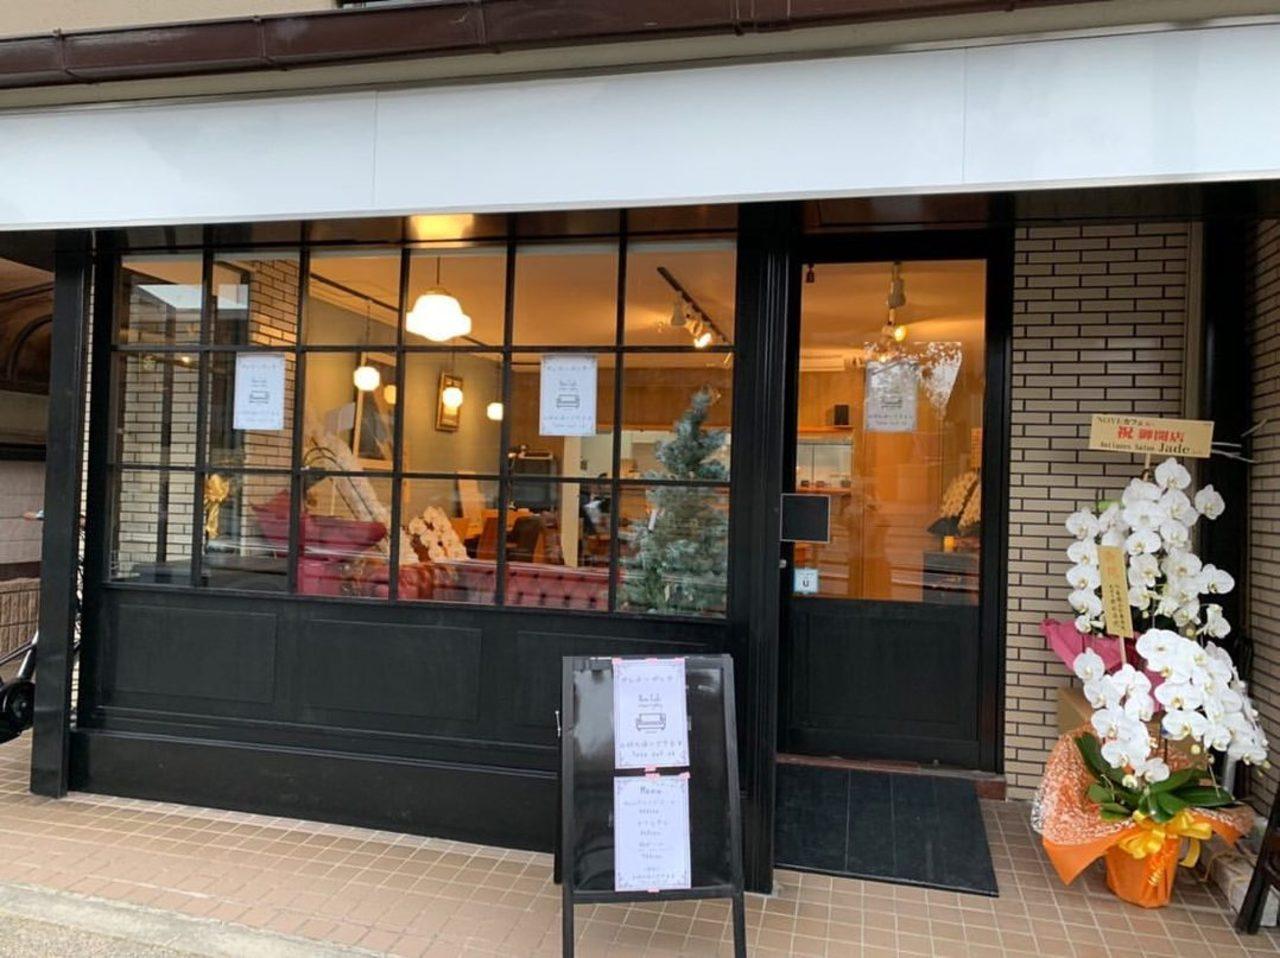 京都市東山区東町にアンティークギャラリーとカフェ&バー「ノボカフェ」がプレオープン中のようです。